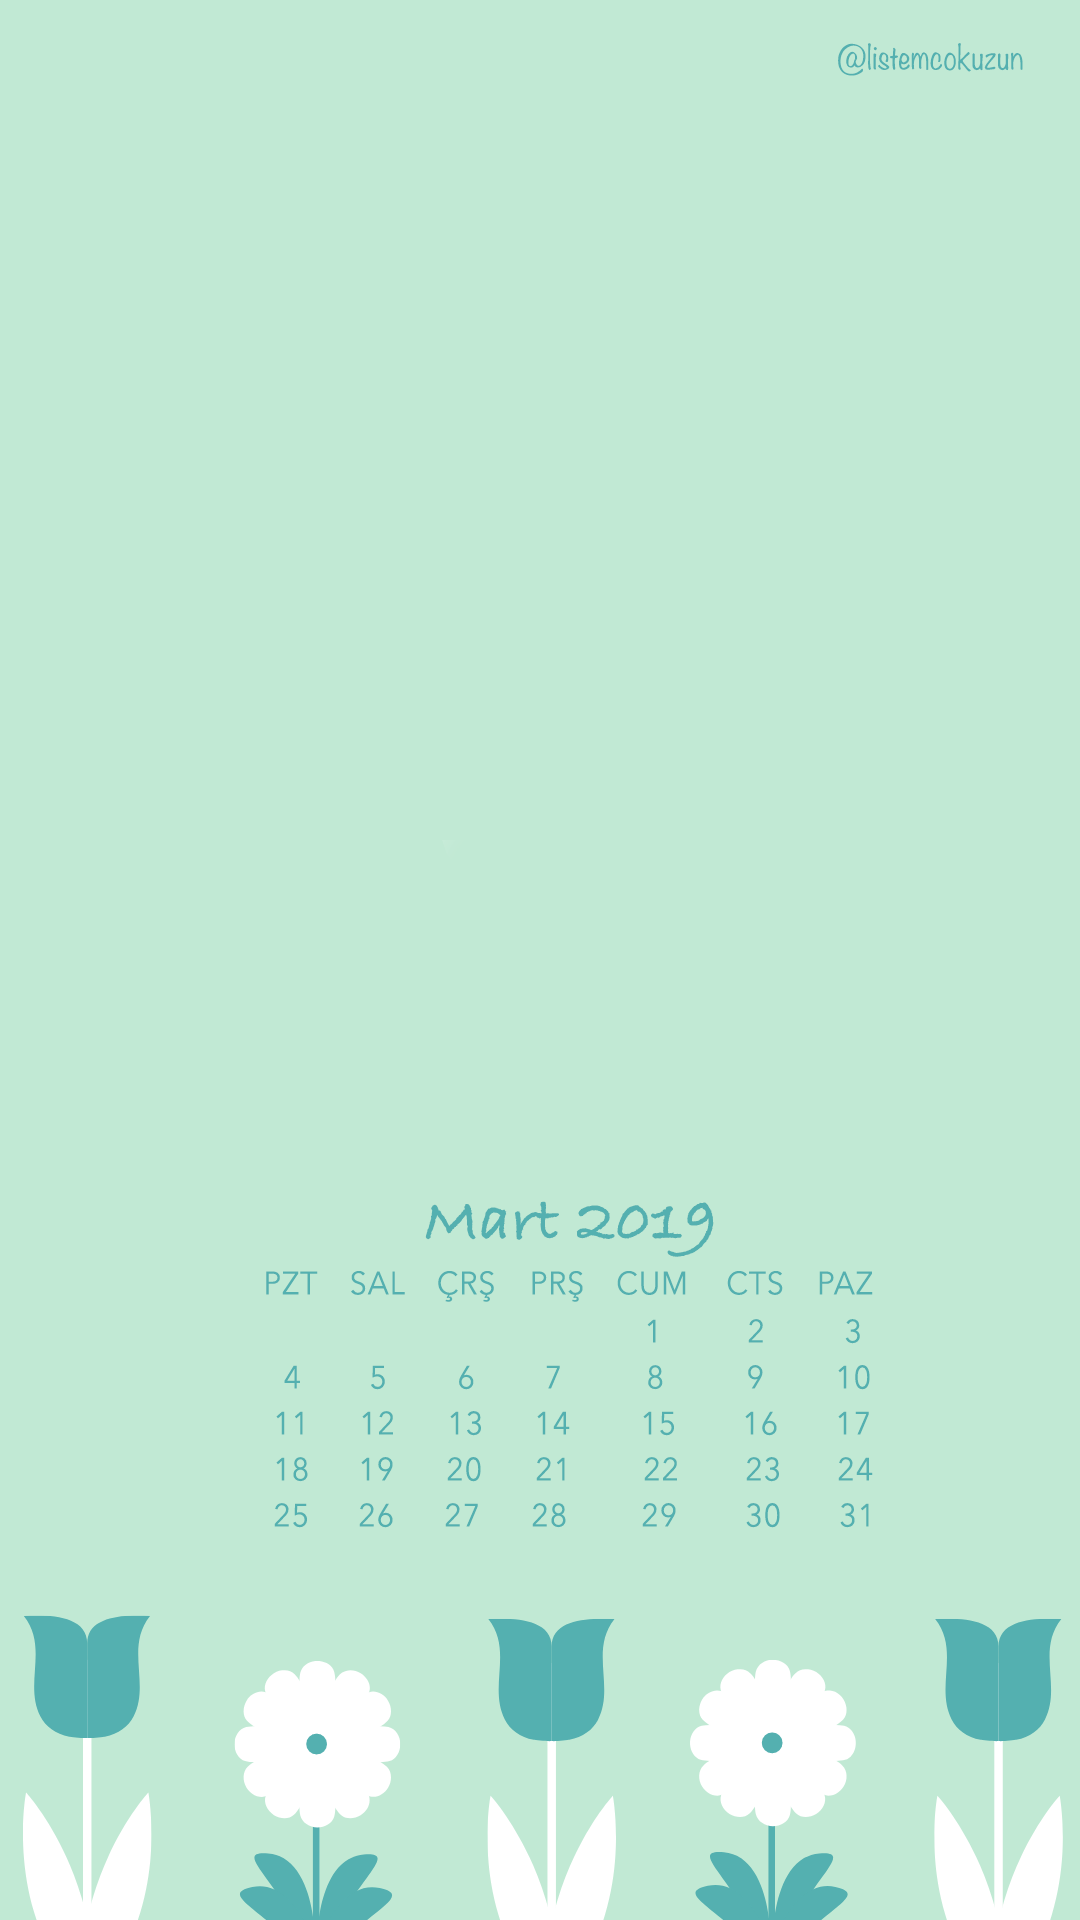 mart 2019 takvim mobil